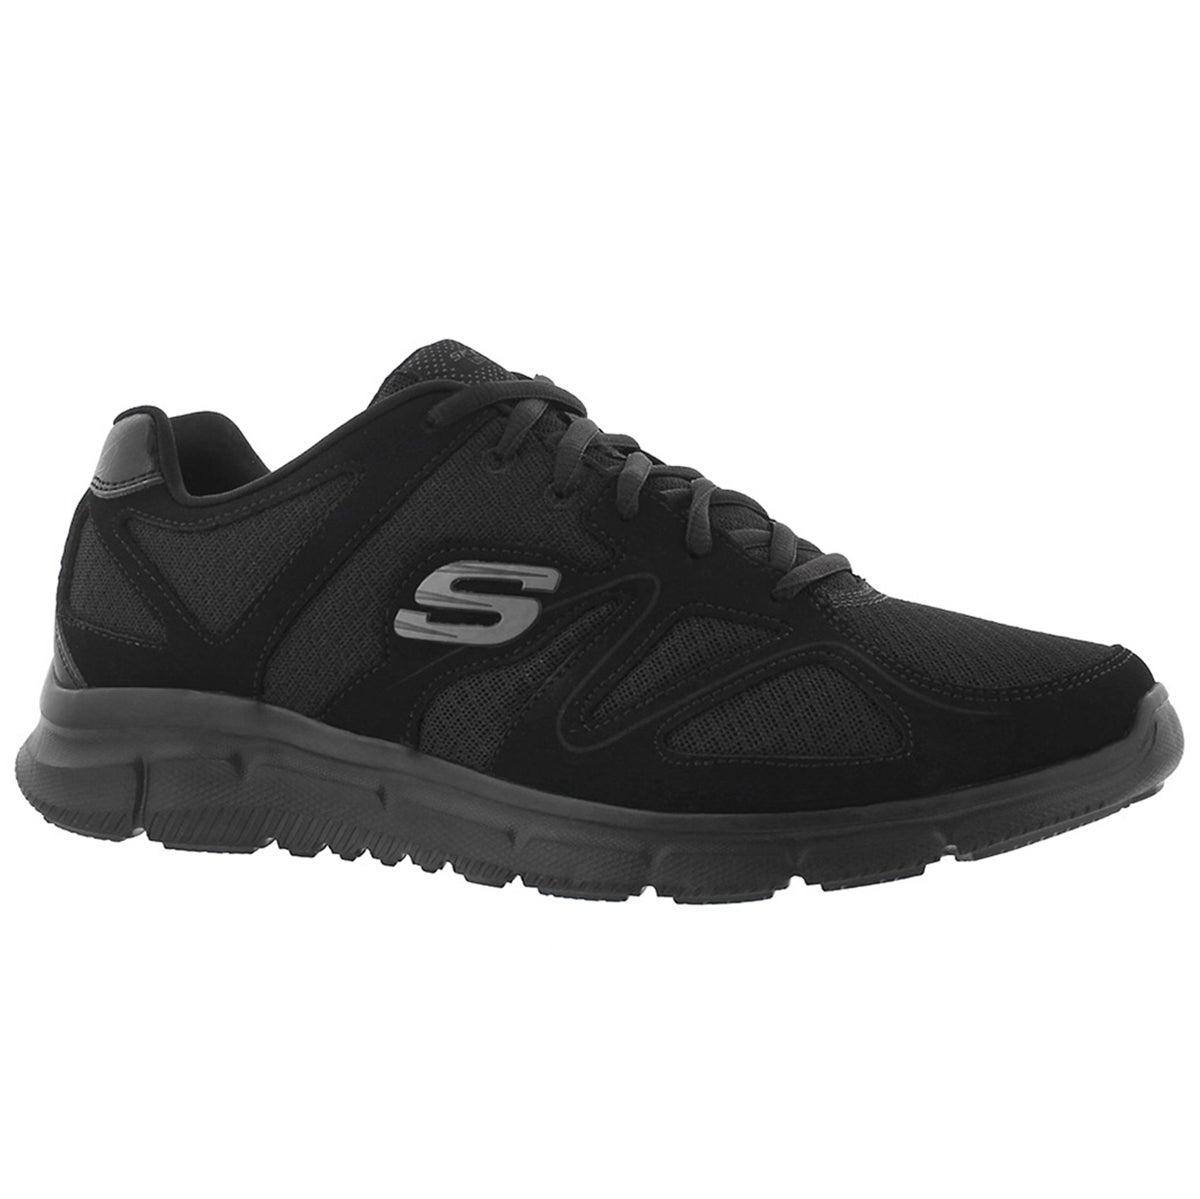 Skechers-Men-039-s-Verse-Flash-Point-Running-